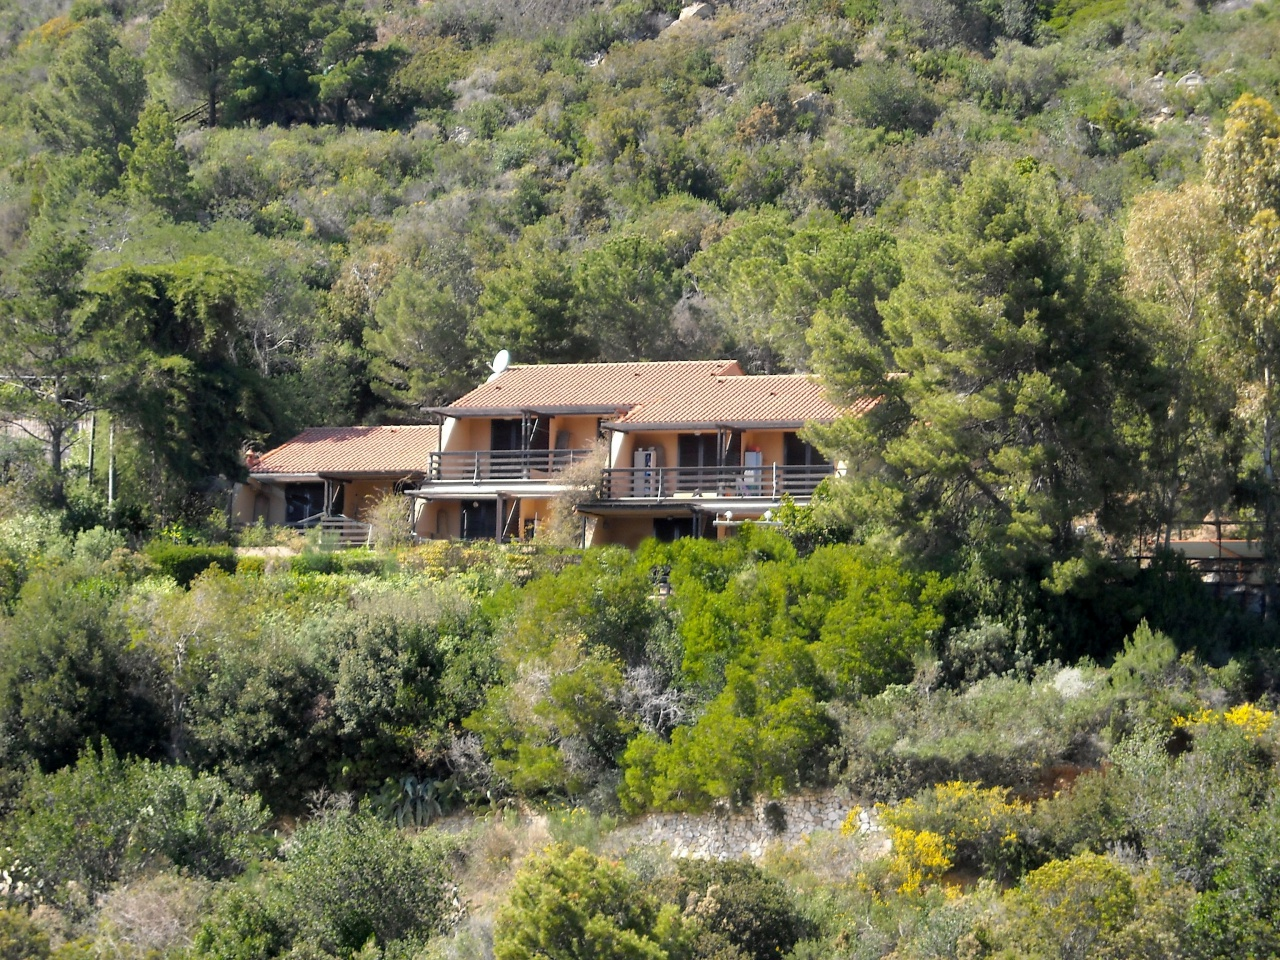 Appartamento in vendita a Campo nell'Elba, 2 locali, Trattative riservate | PortaleAgenzieImmobiliari.it